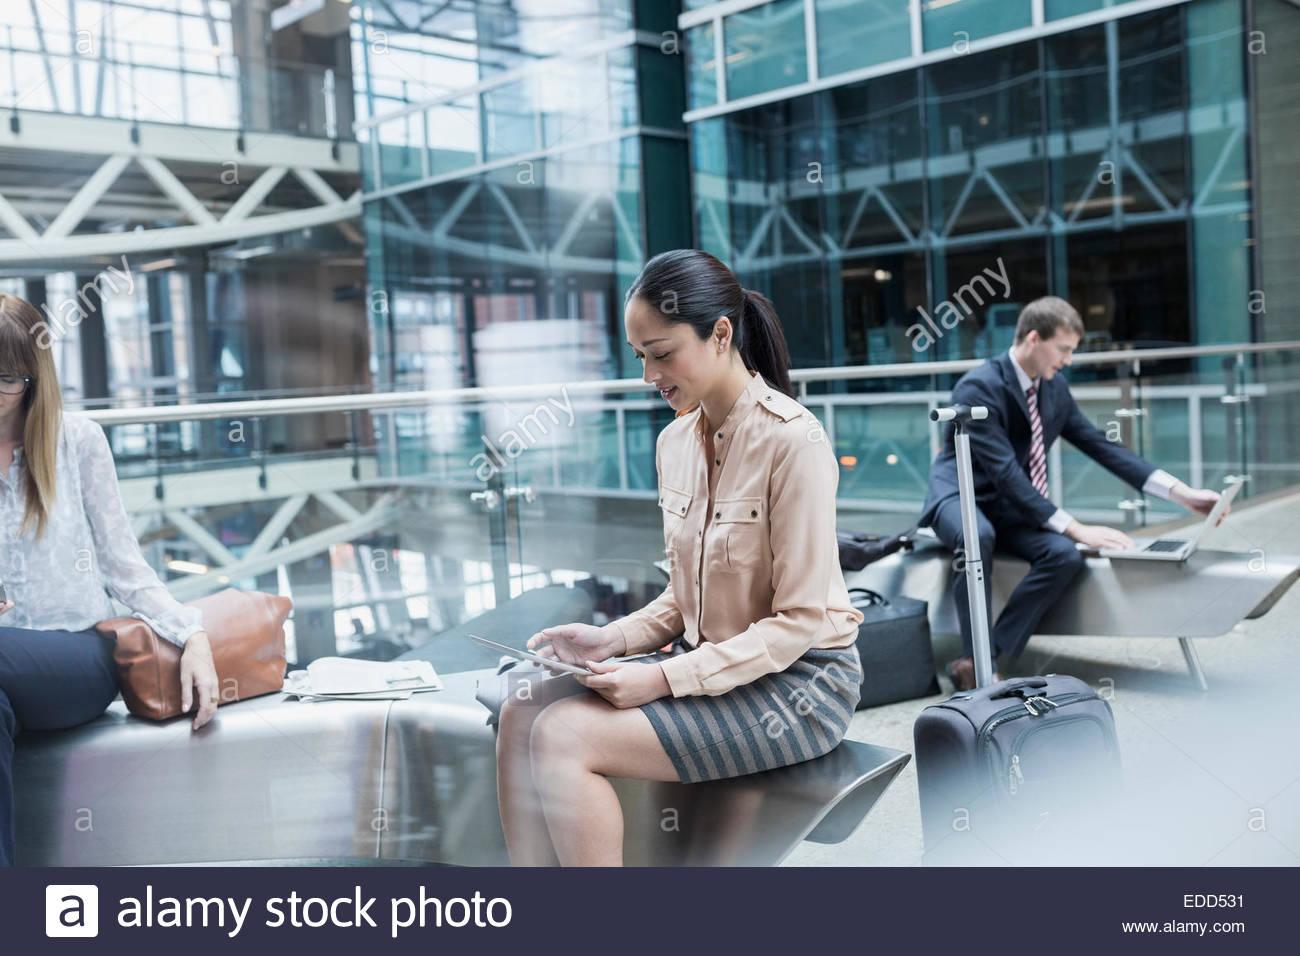 Les gens d'affaires à l'aide de la technologie dans l'atrium de l'aéroport Photo Stock